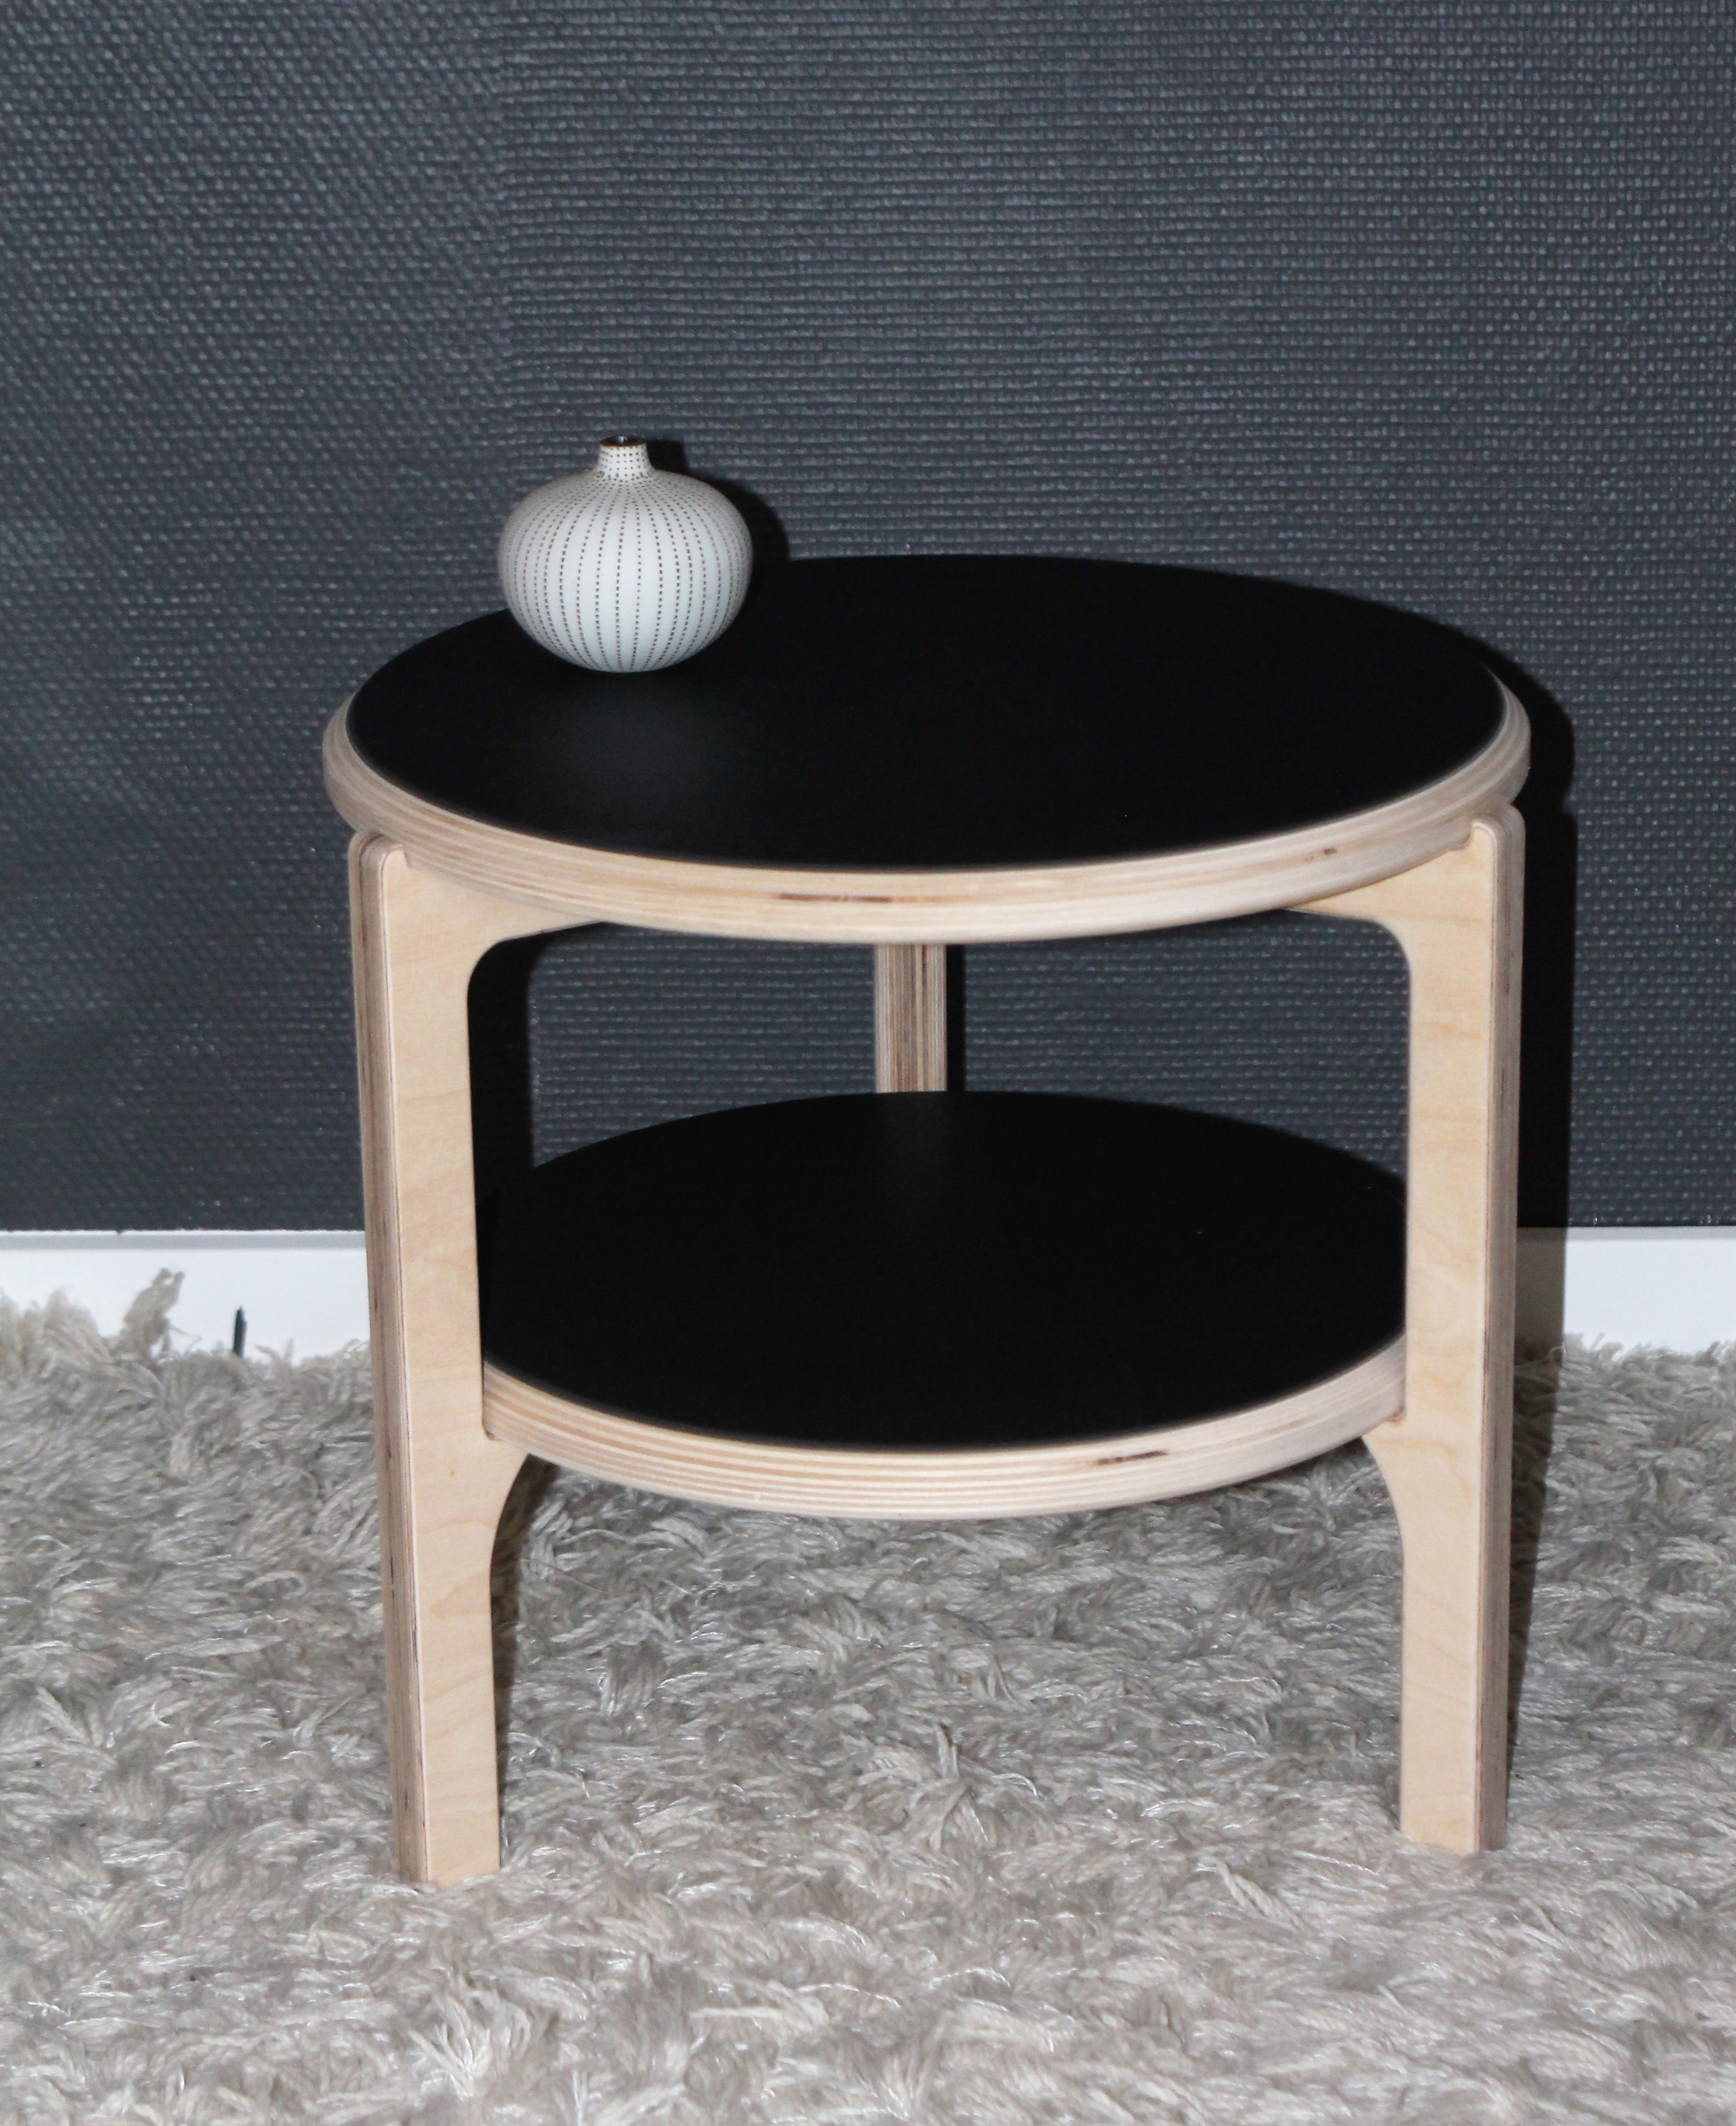 Sofabord, sidebord, designerbord, indretning, til stuen, hygge